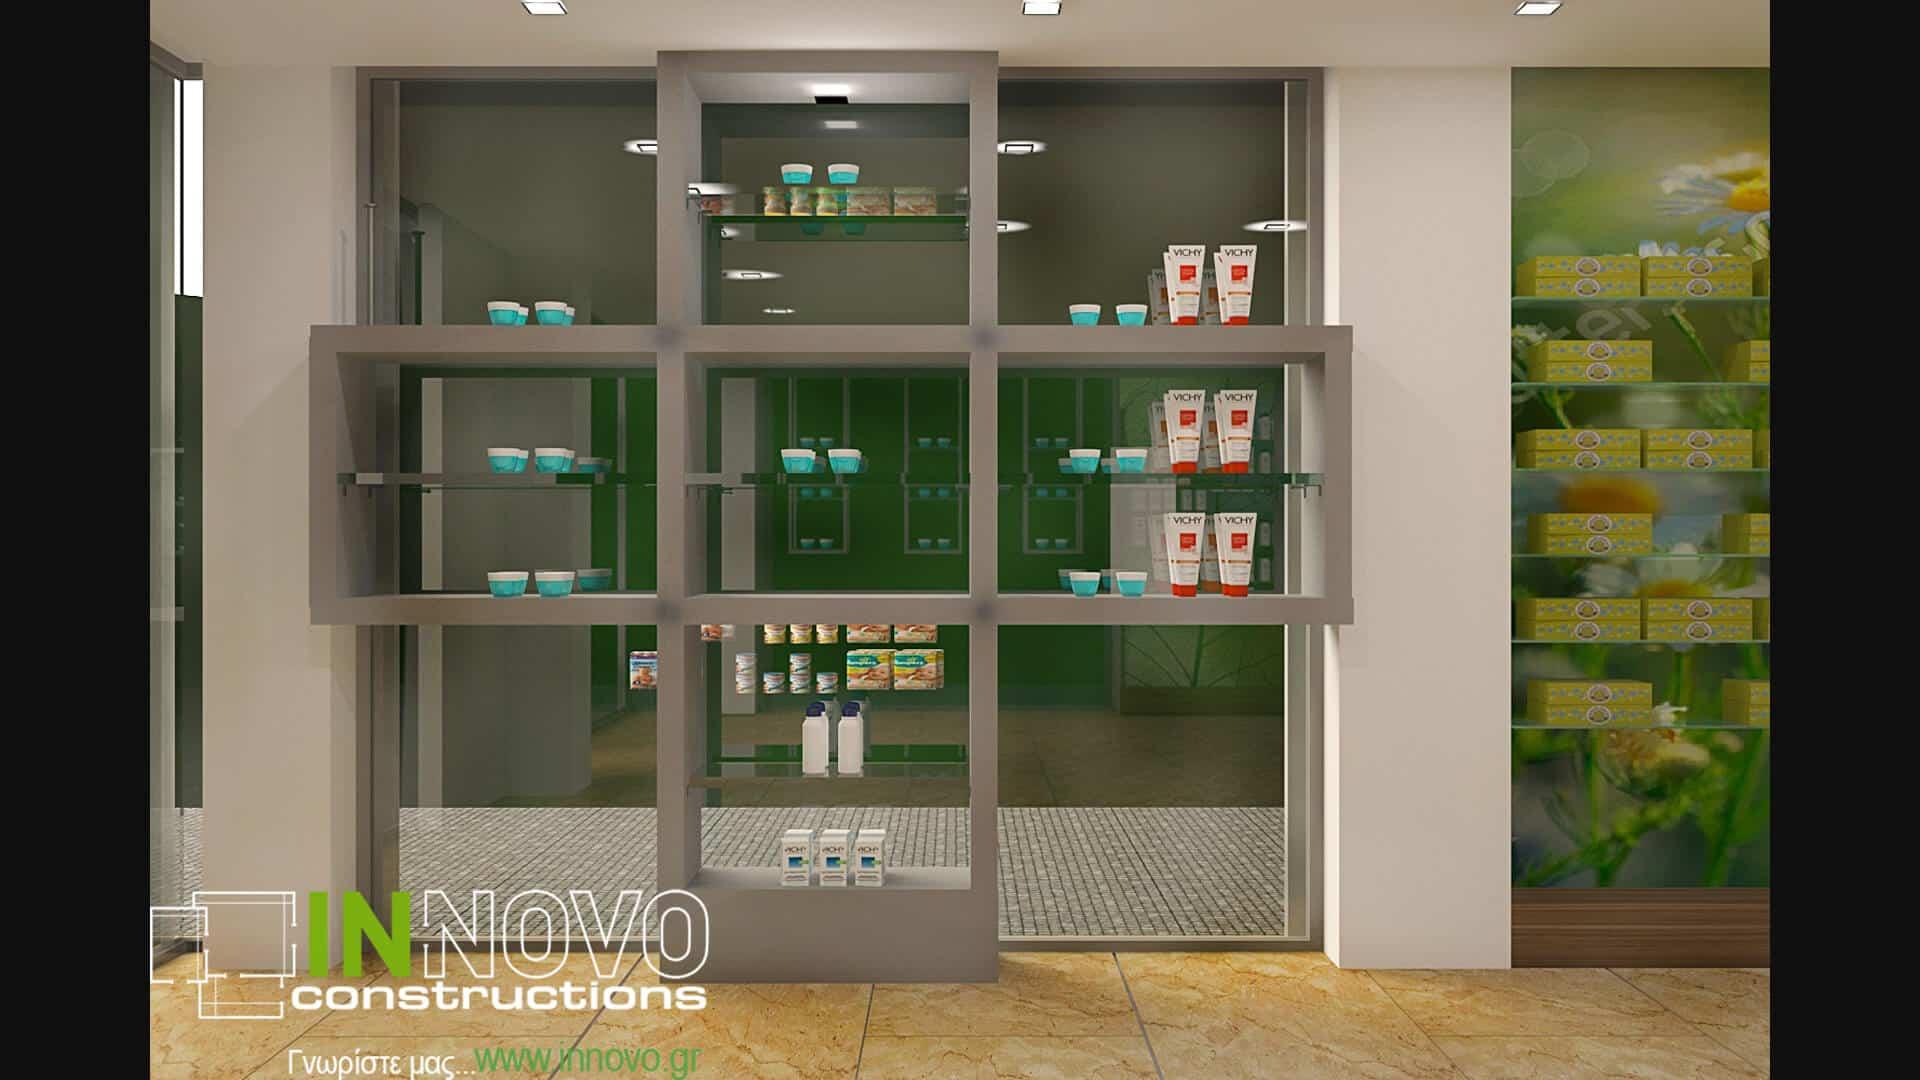 Διακόσμηση φαρμακείου στο Νέο Ηράκλειοαπό την Innovo